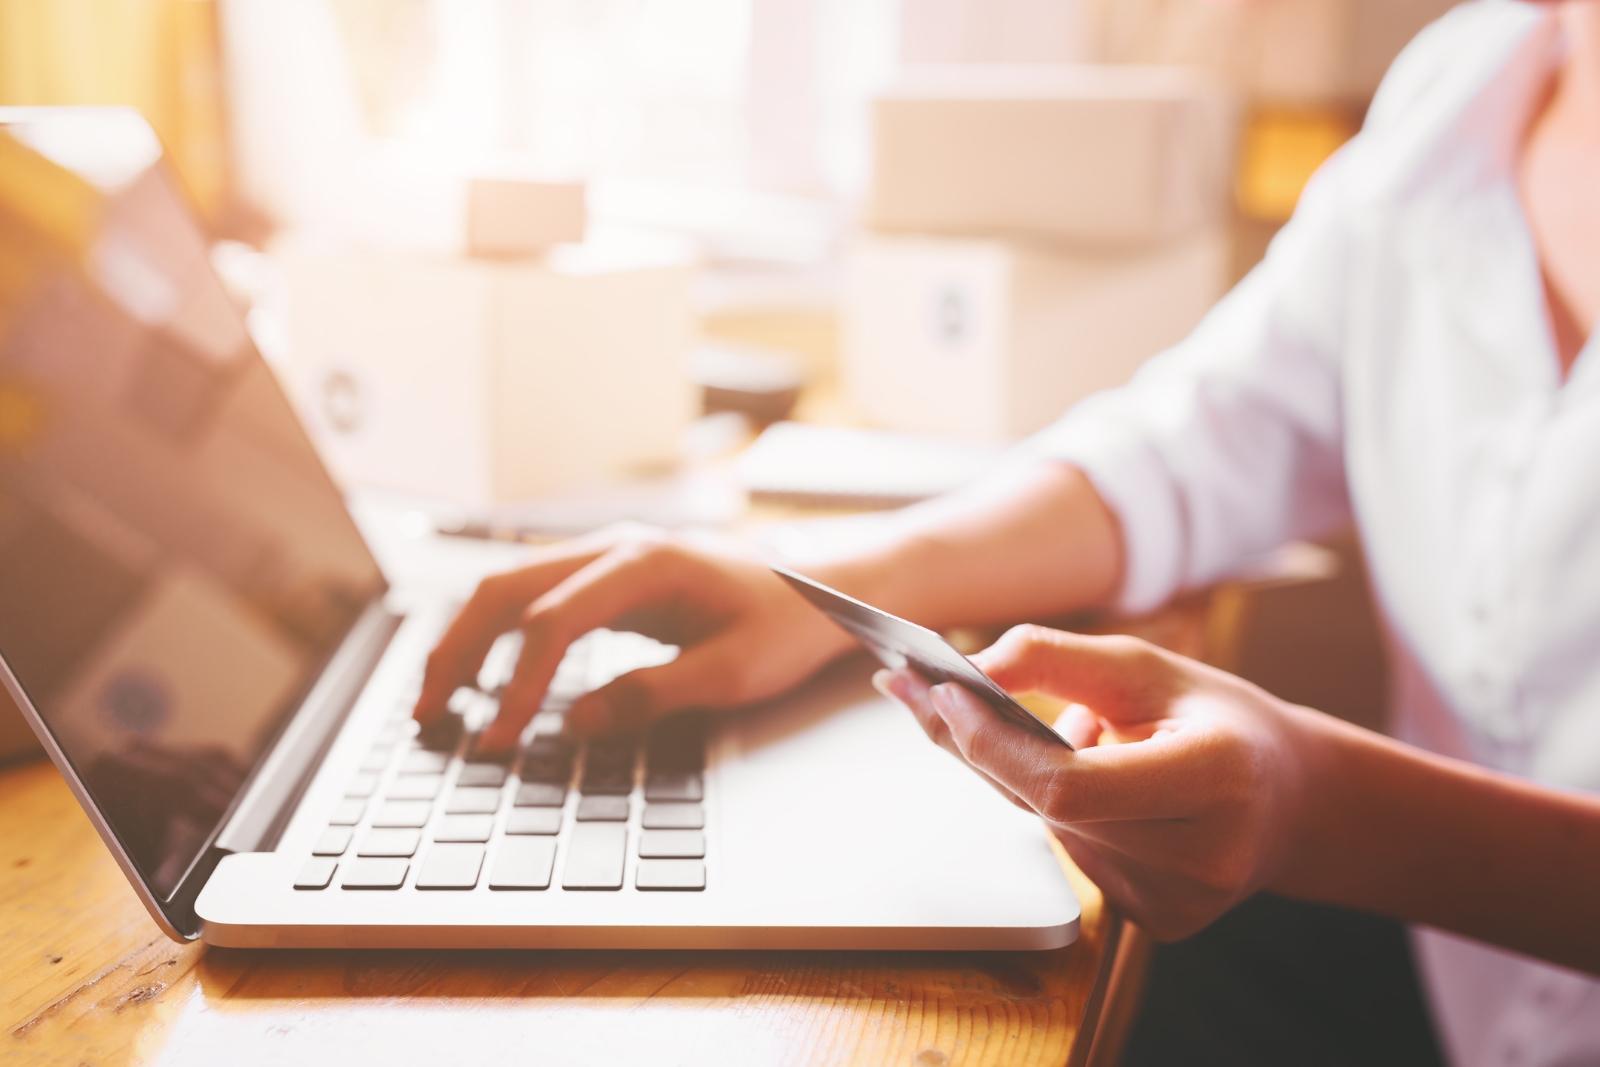 Можете да смените дебитната/кредитната си карта. Ако партньорът е свикнал да плаща с вашата, ако имате общ акаунт в сайтове за плащане... Добре е да няма достъп до финансите ви.